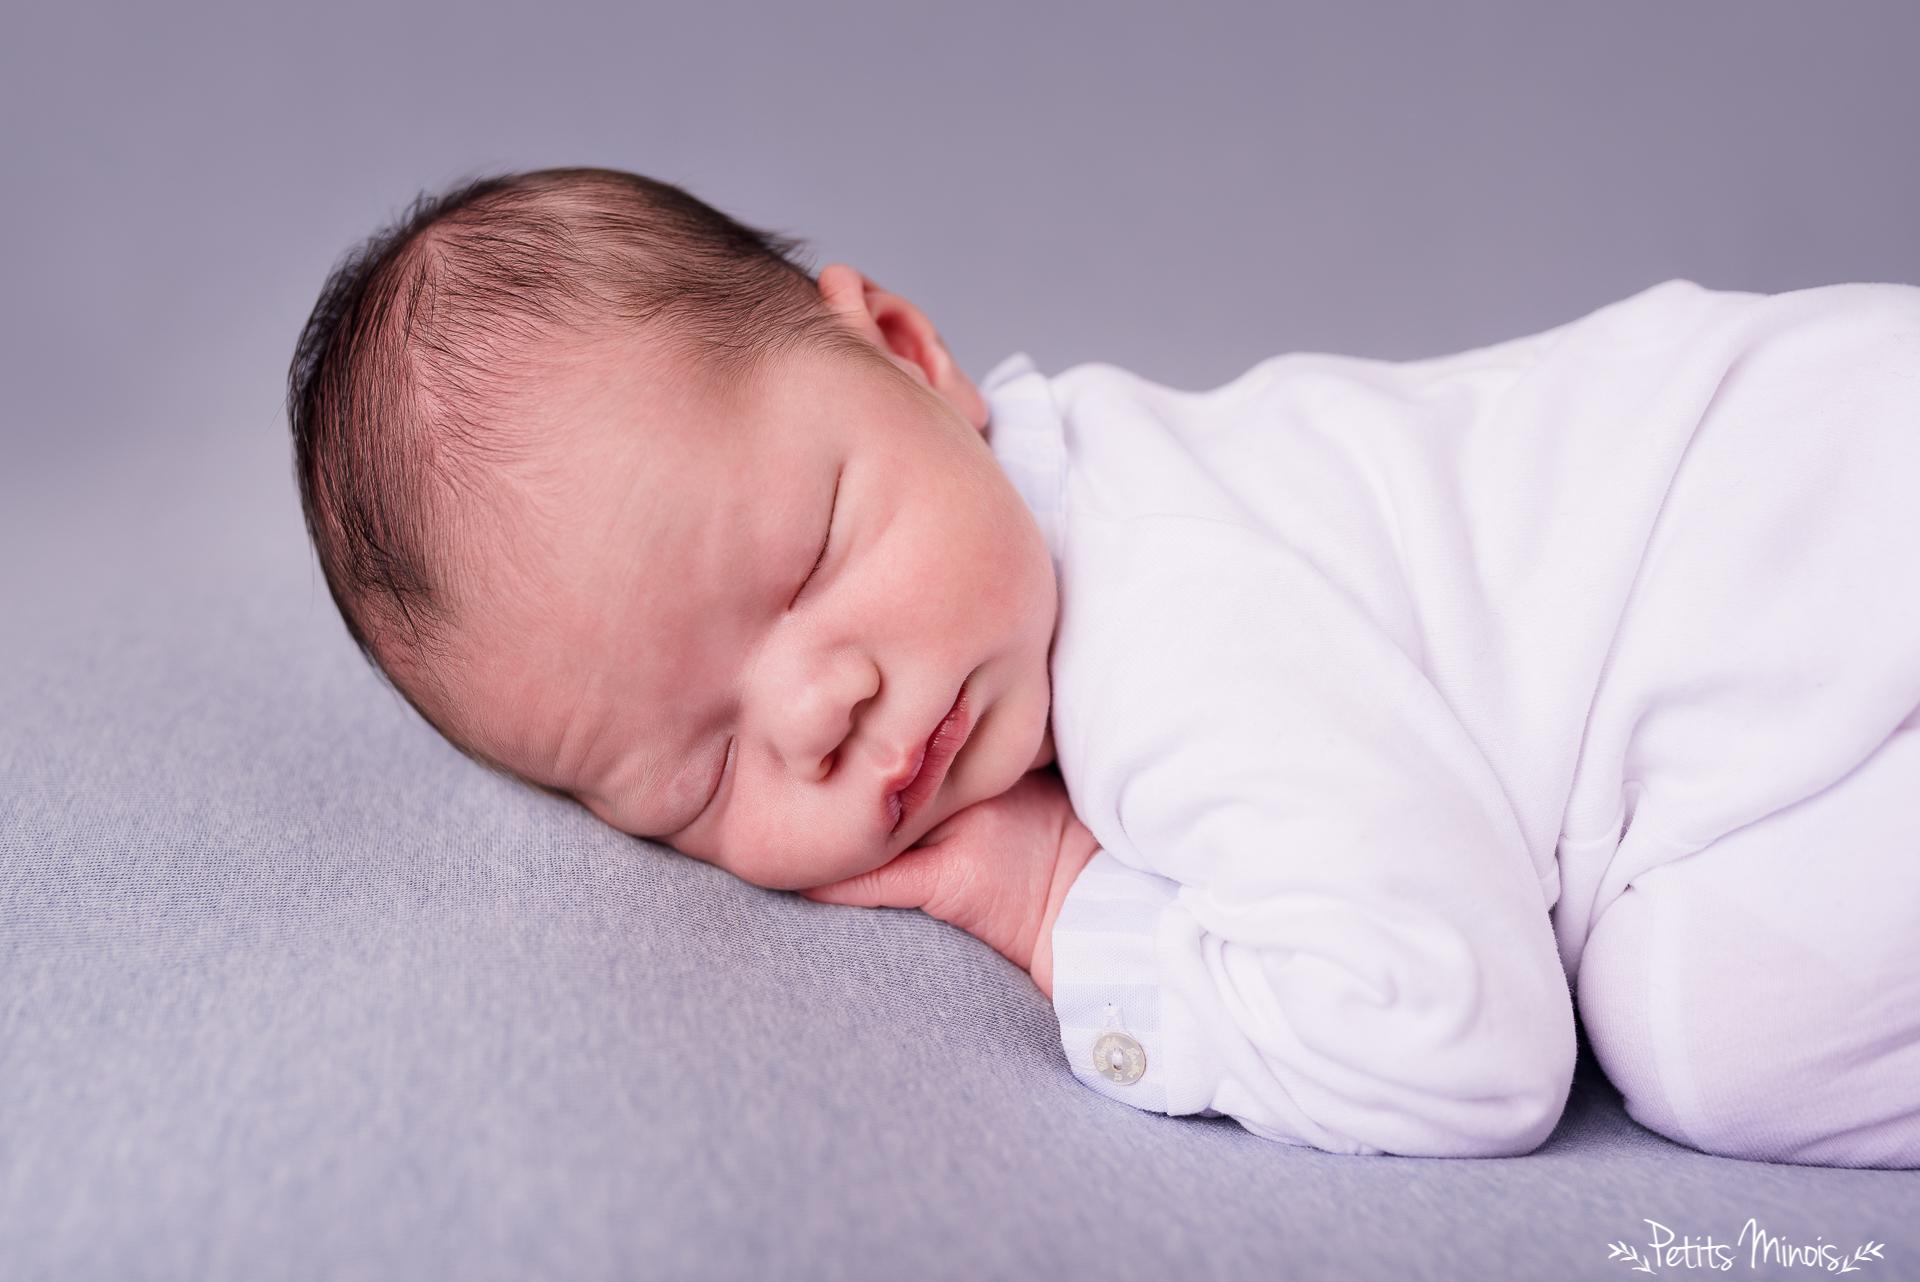 séance naissance photographge brest